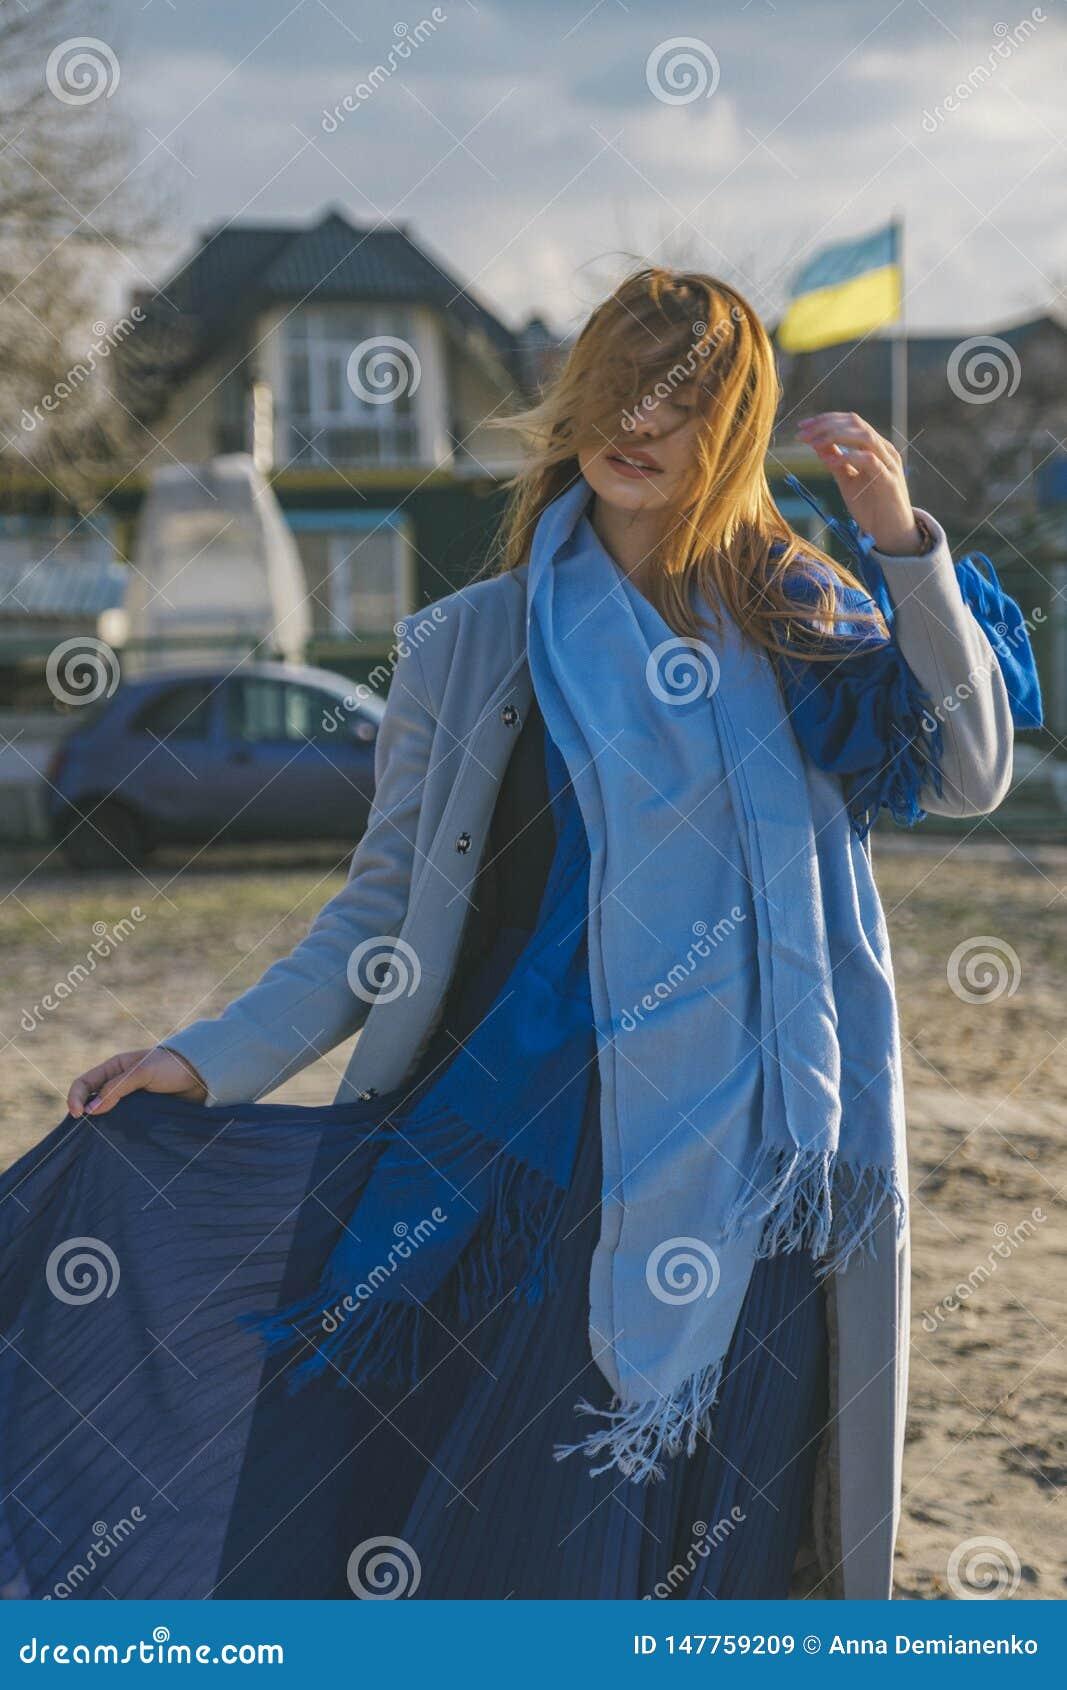 Mulher europeia lindo no revestimento e no vestido mornos em uma caminhada no parque perto do rio Tempo ventoso Sua roupa voa no